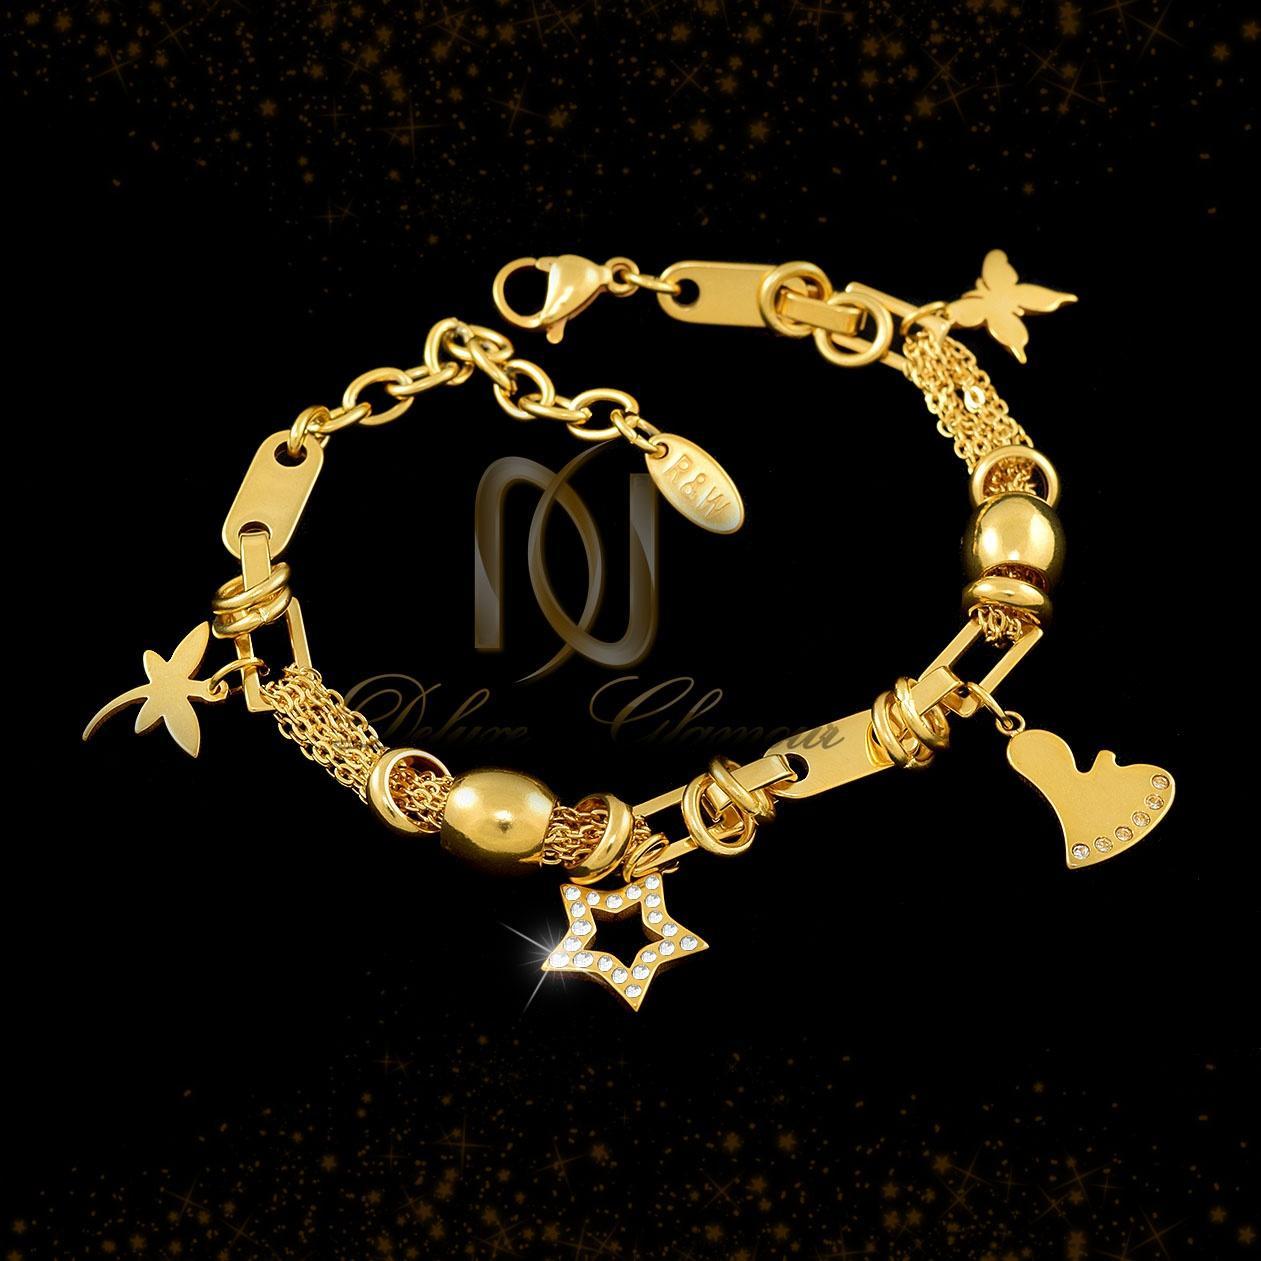 دستبند زنانه آویزدار استیل طرح طلا ds-n287 از نمای مشکی